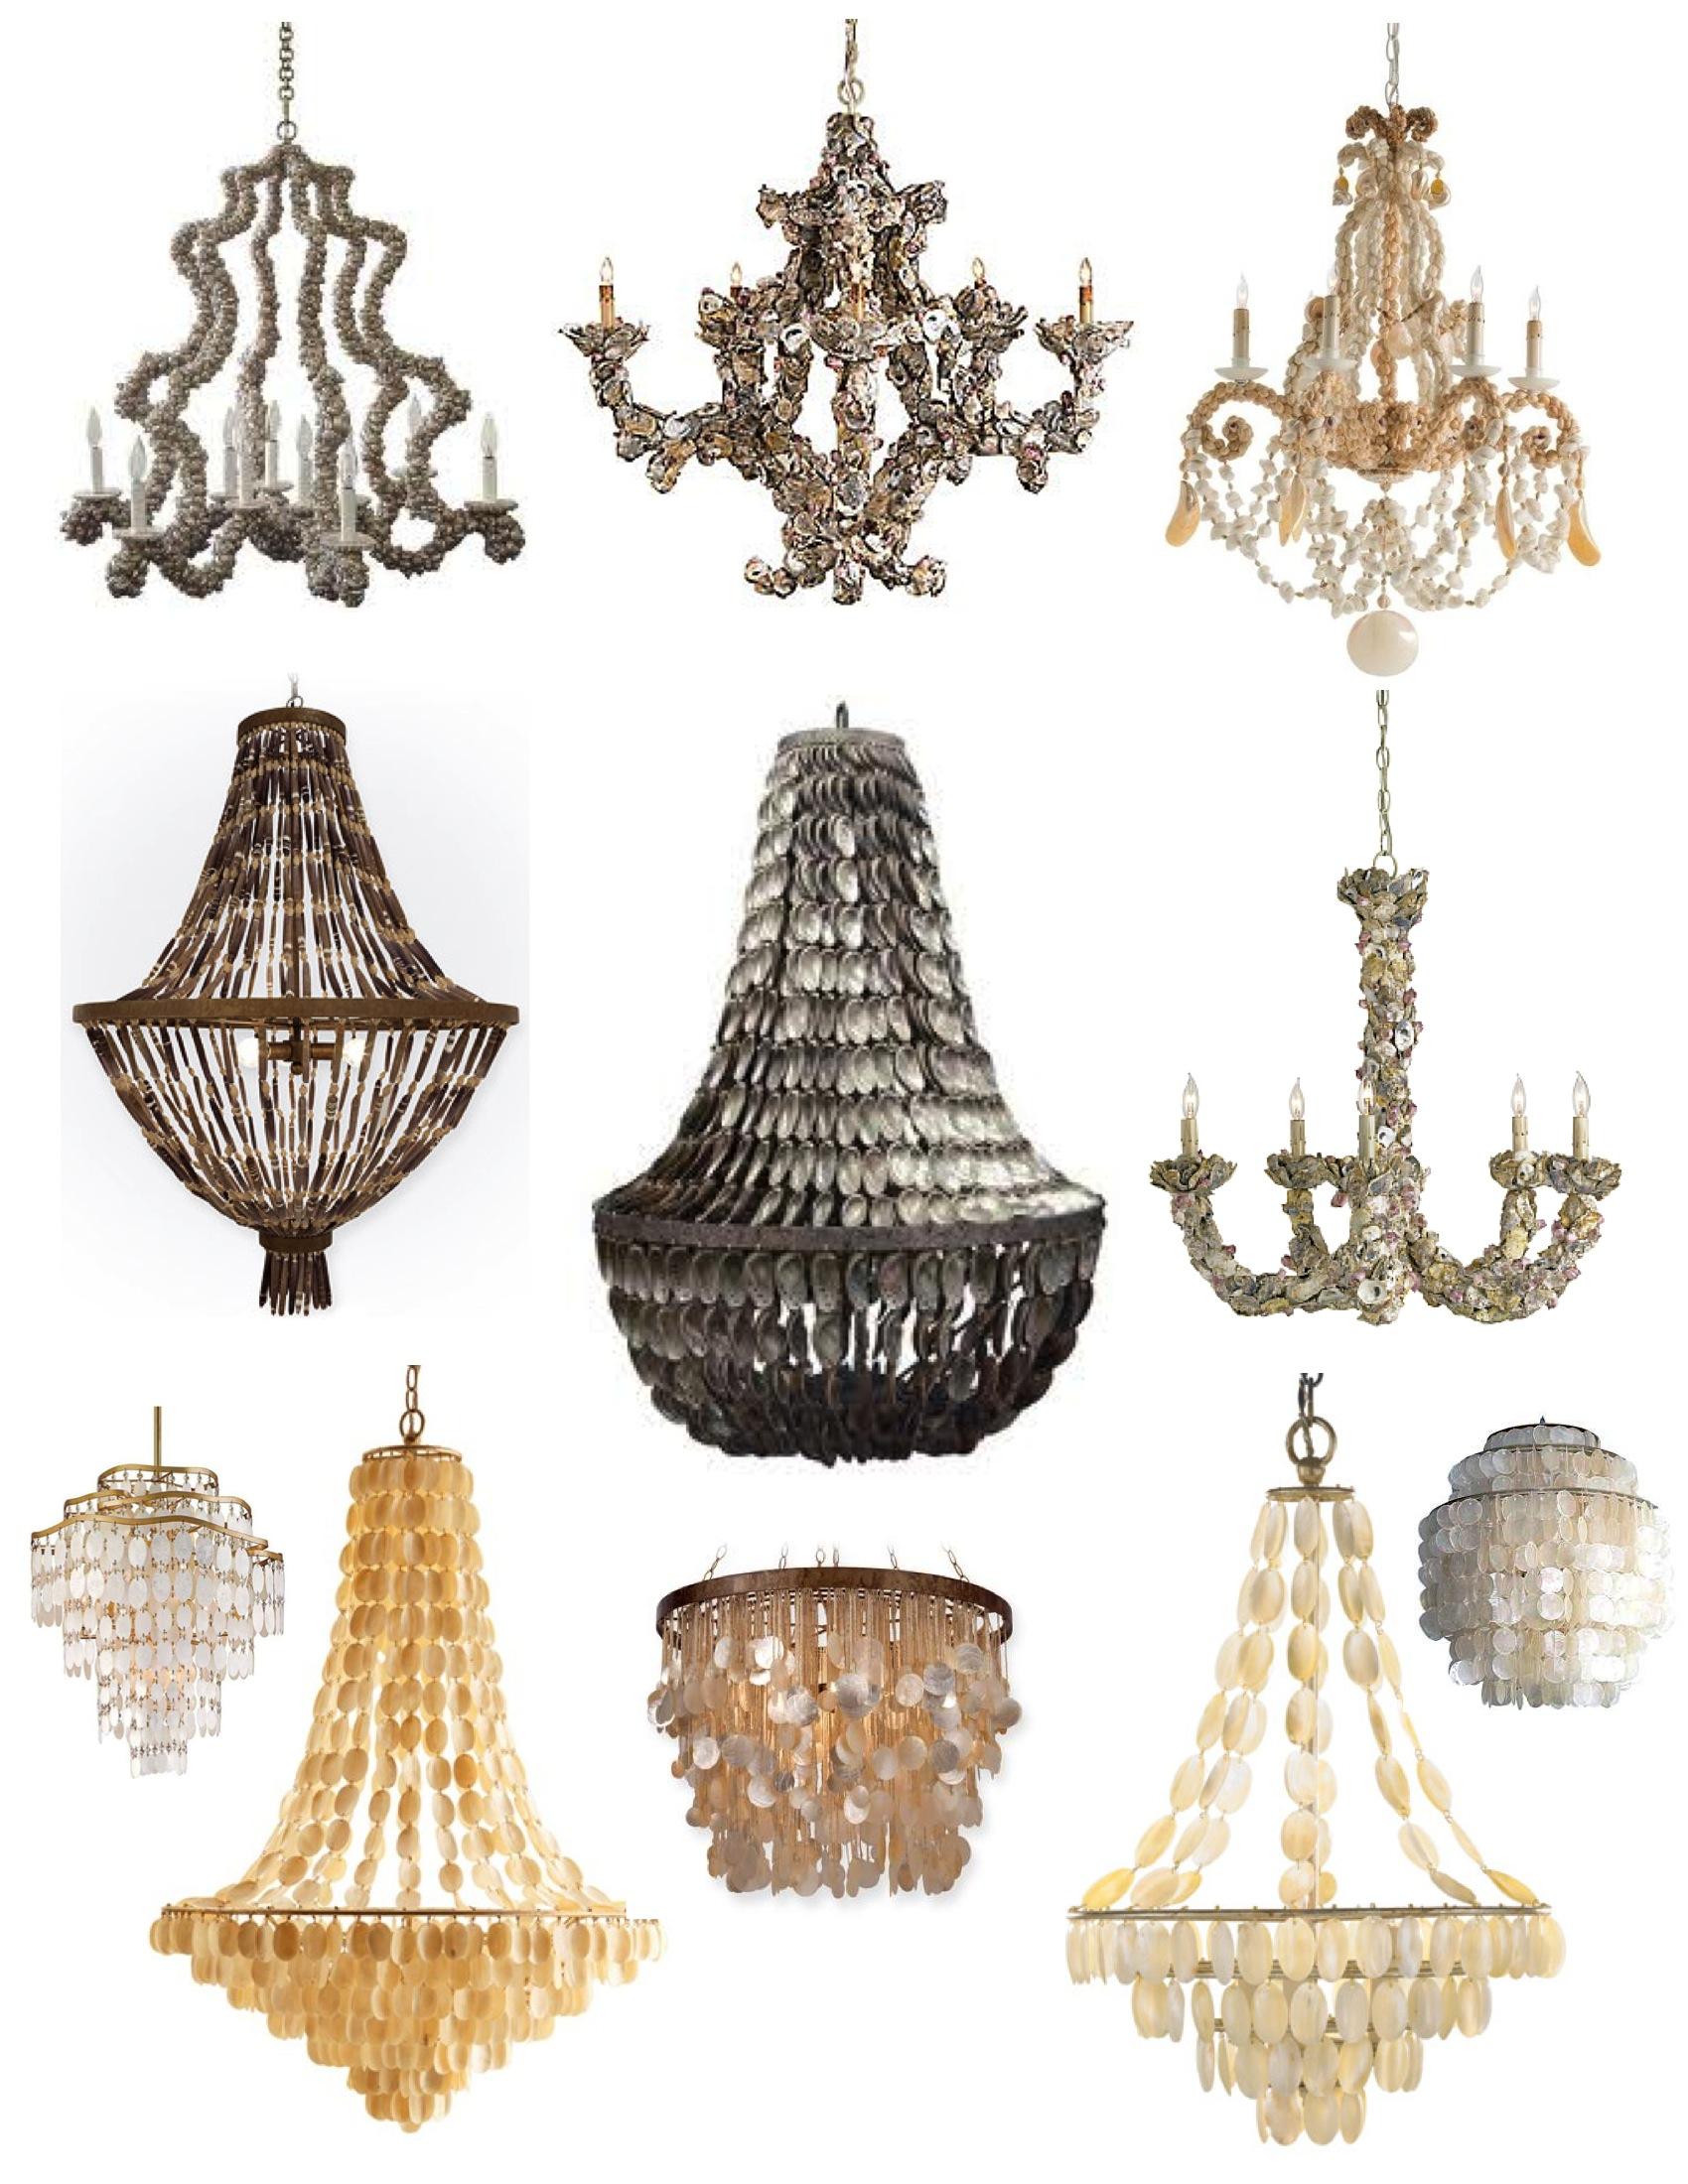 Capiz Chandeliers Lighting forwardcapitalus – Capiz Shell Chandelier Lighting